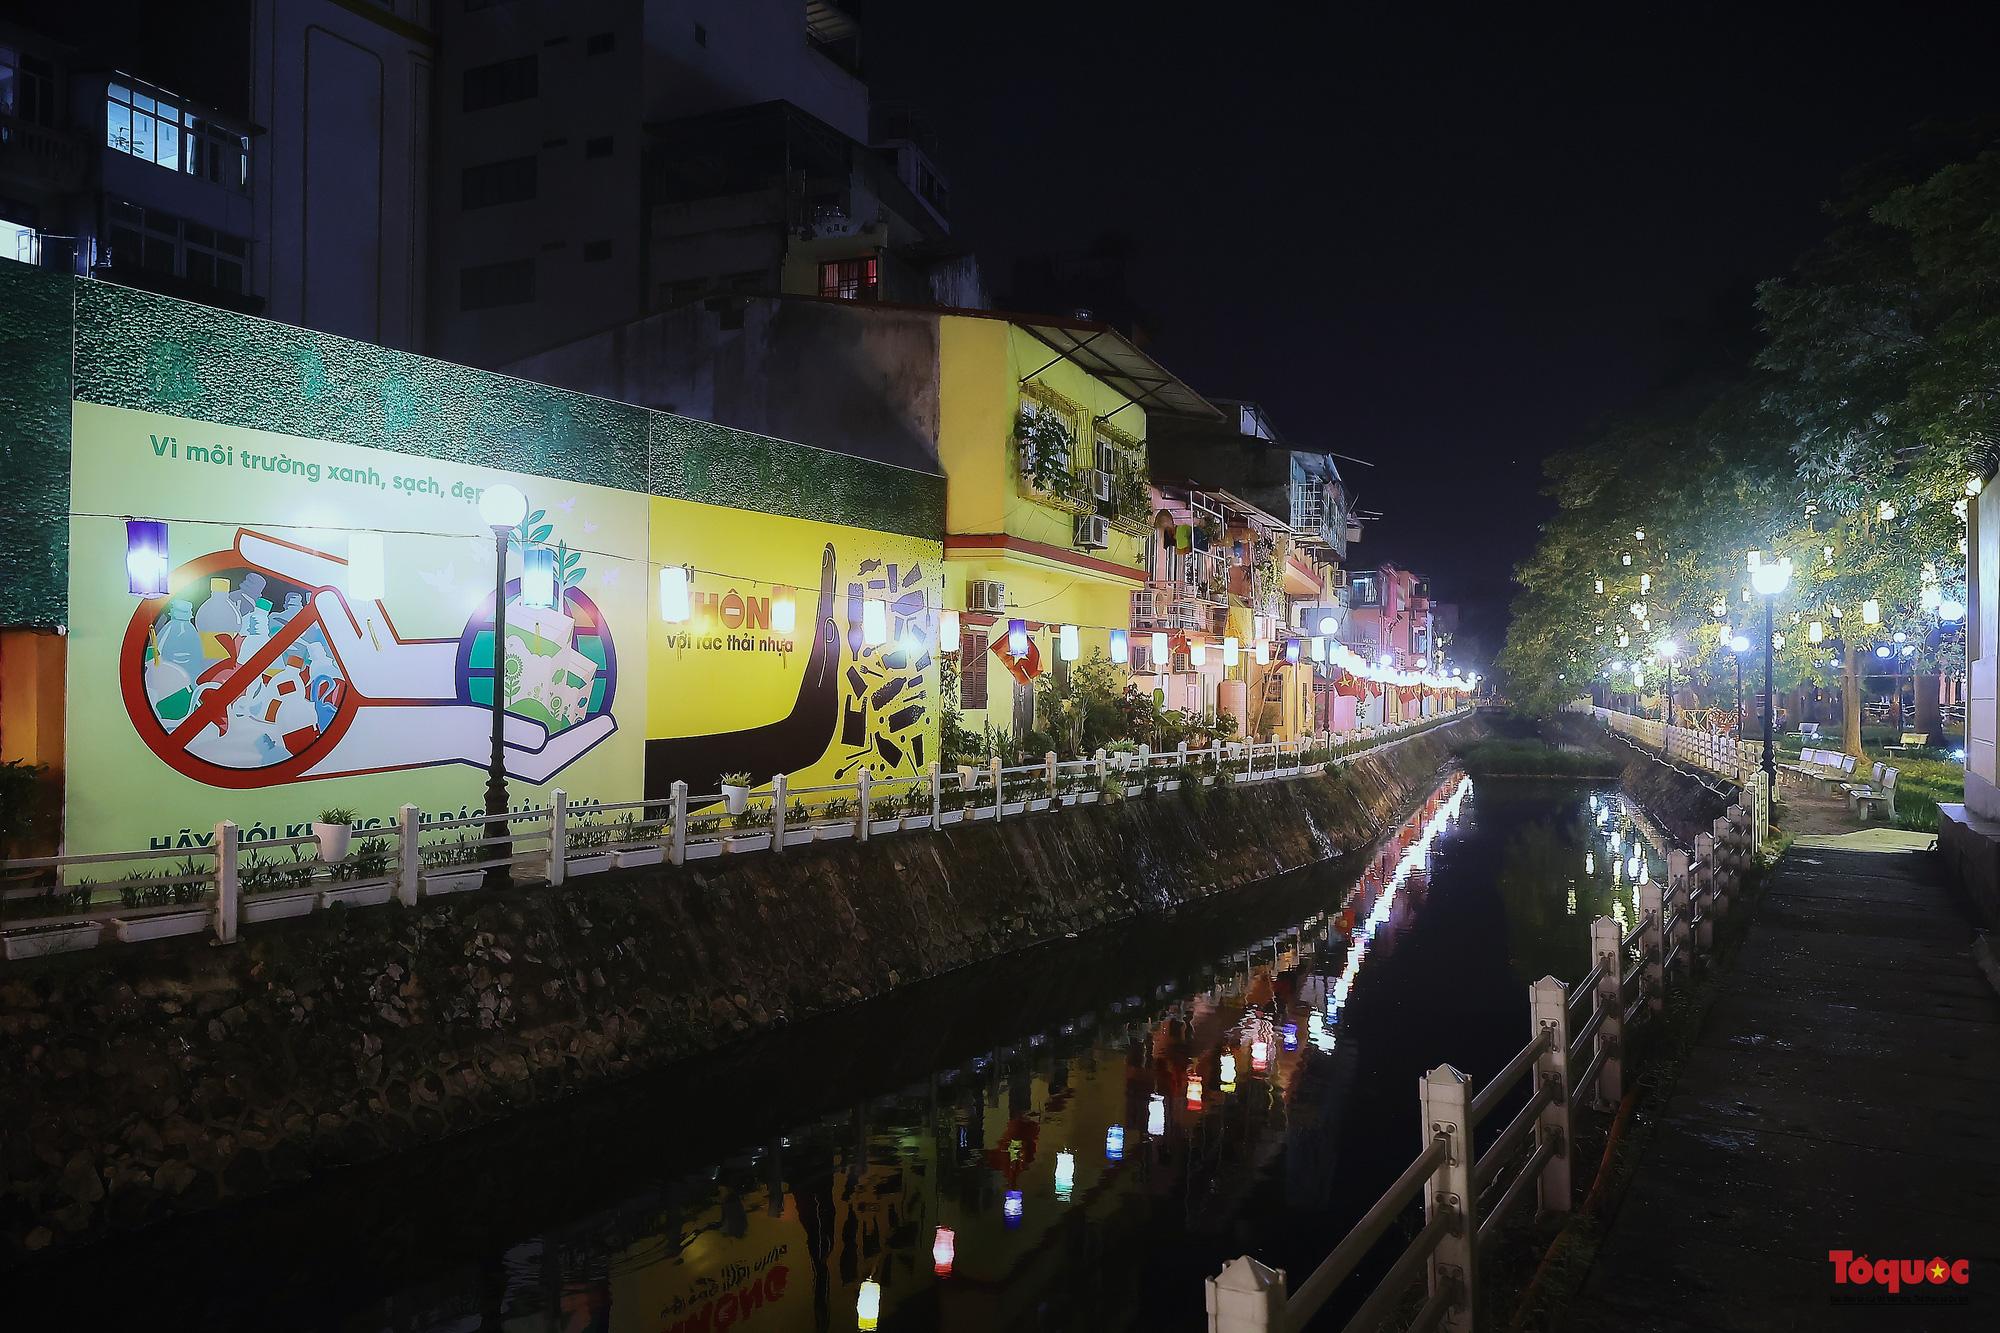 Tuyến đường ven hồ Trúc Bạch thay đổi diện mạo lung linh với đèn lồng và tranh bích họa phố cổ Hà Nội - Ảnh 15.